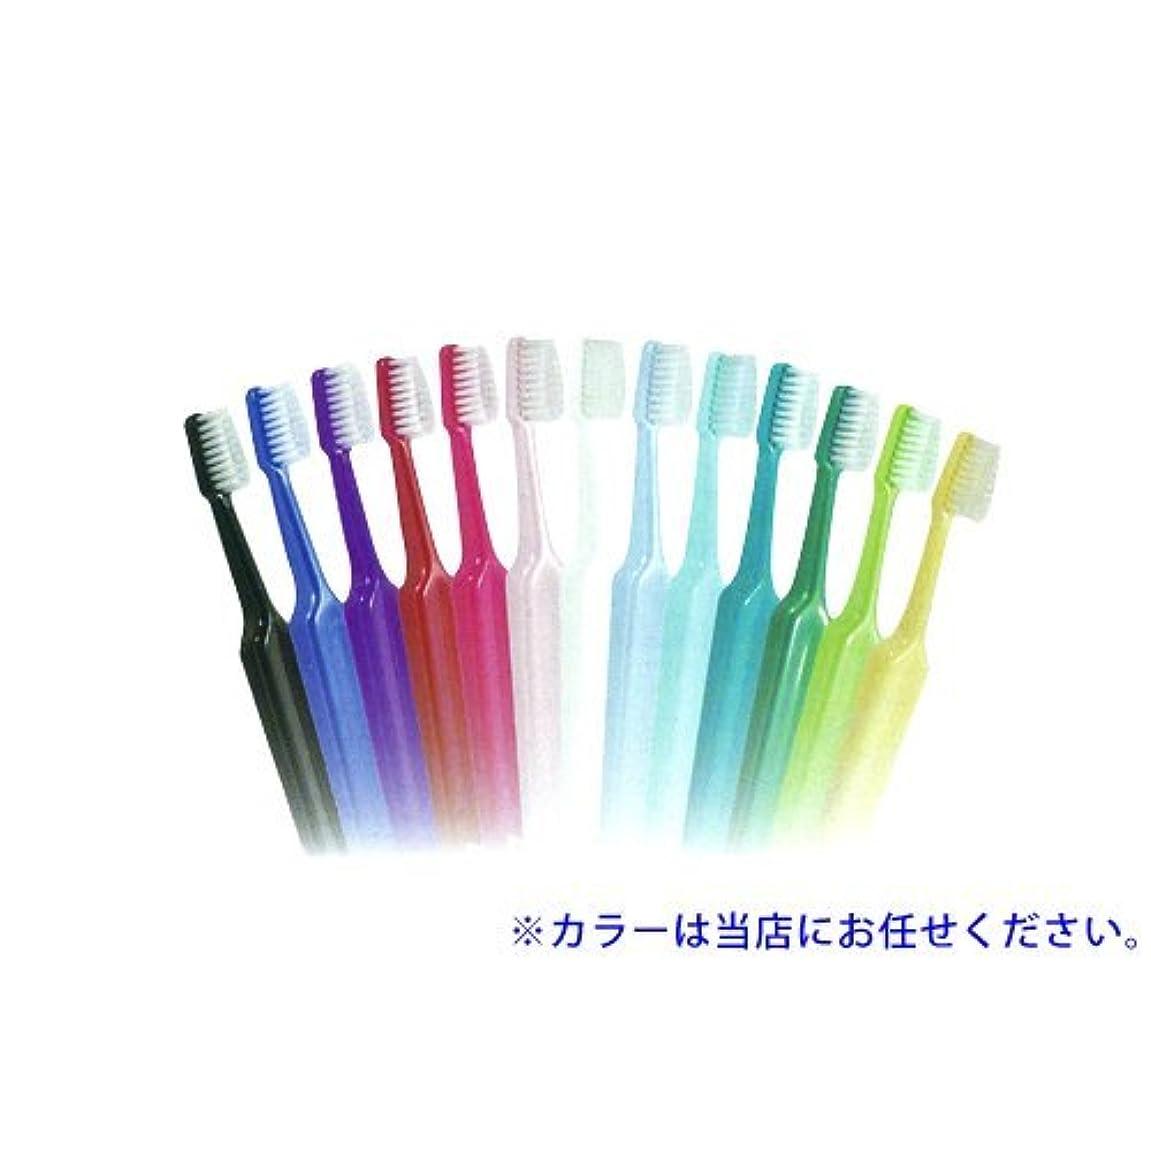 傾向がありますすすり泣き隙間クロスフィールド TePe テペ セレクト 歯ブラシ 1本 エクストラソフト